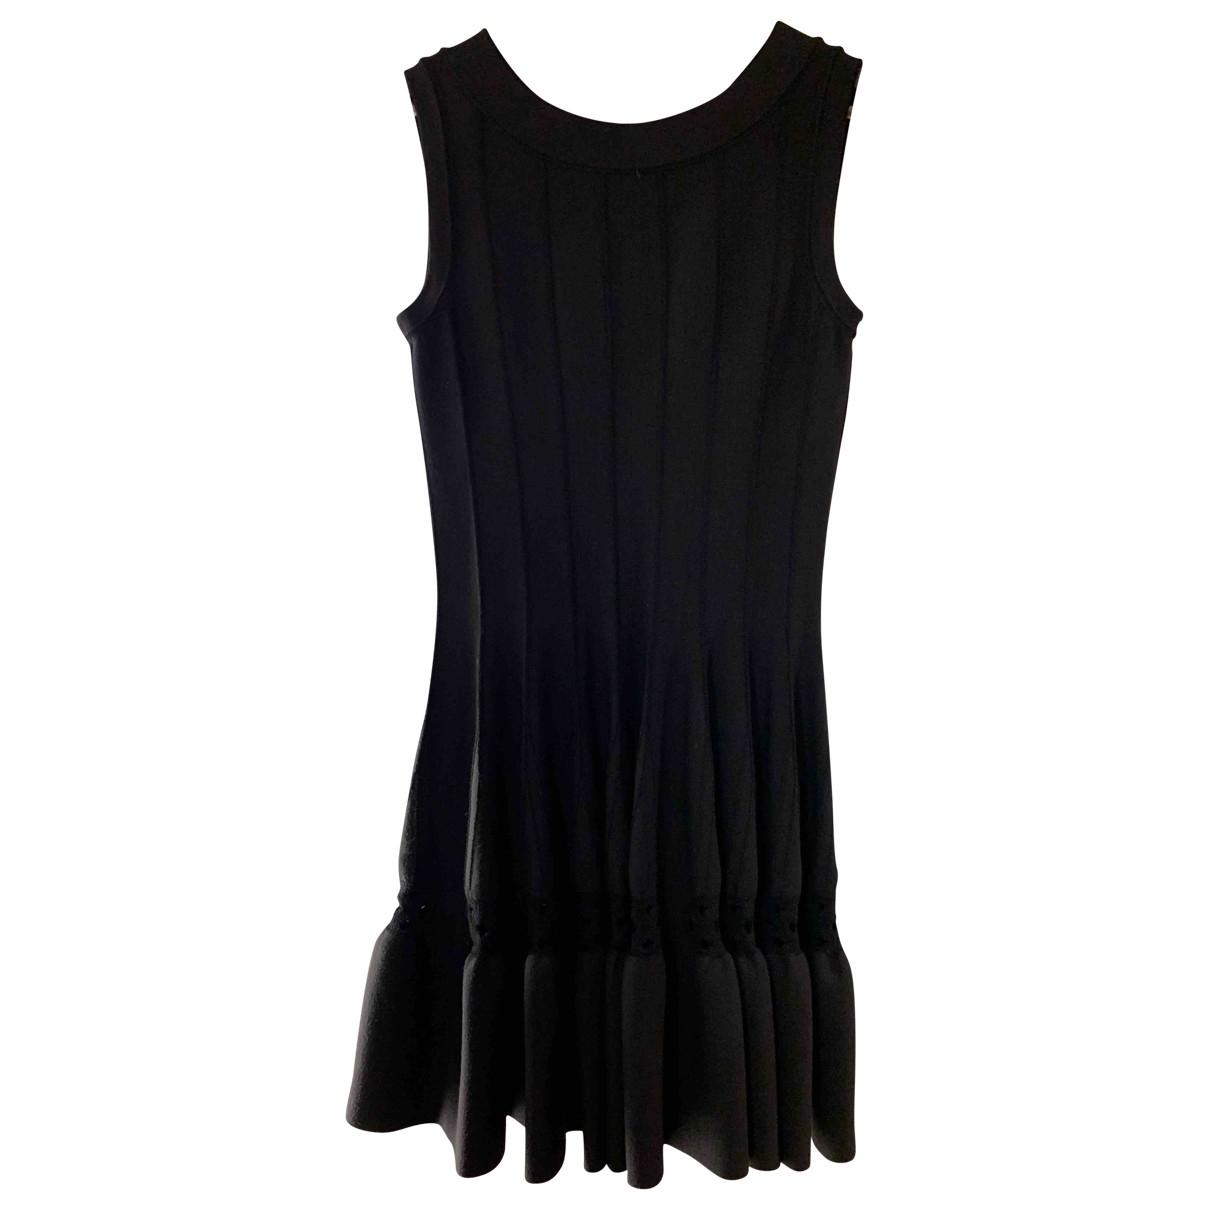 Alaïa \N Black Wool dress for Women 42 IT